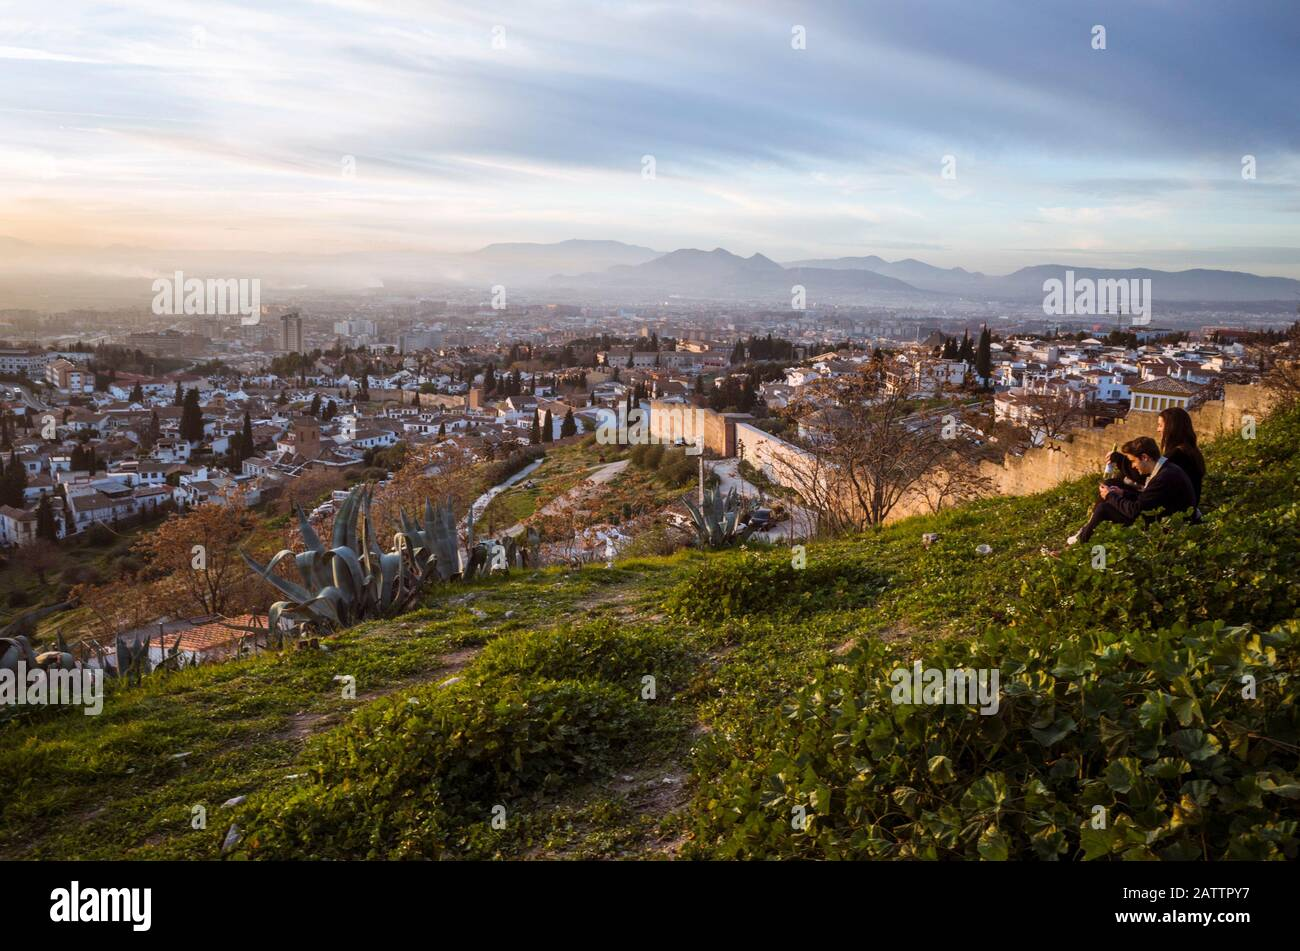 Granada, Spanien - 17. Januar 2020: EIN Paar blickt auf Granada bei Sonnenuntergang an den Albaicin-Stadtmauern am San Miguel Alto Aussichtspunkt. Stockfoto